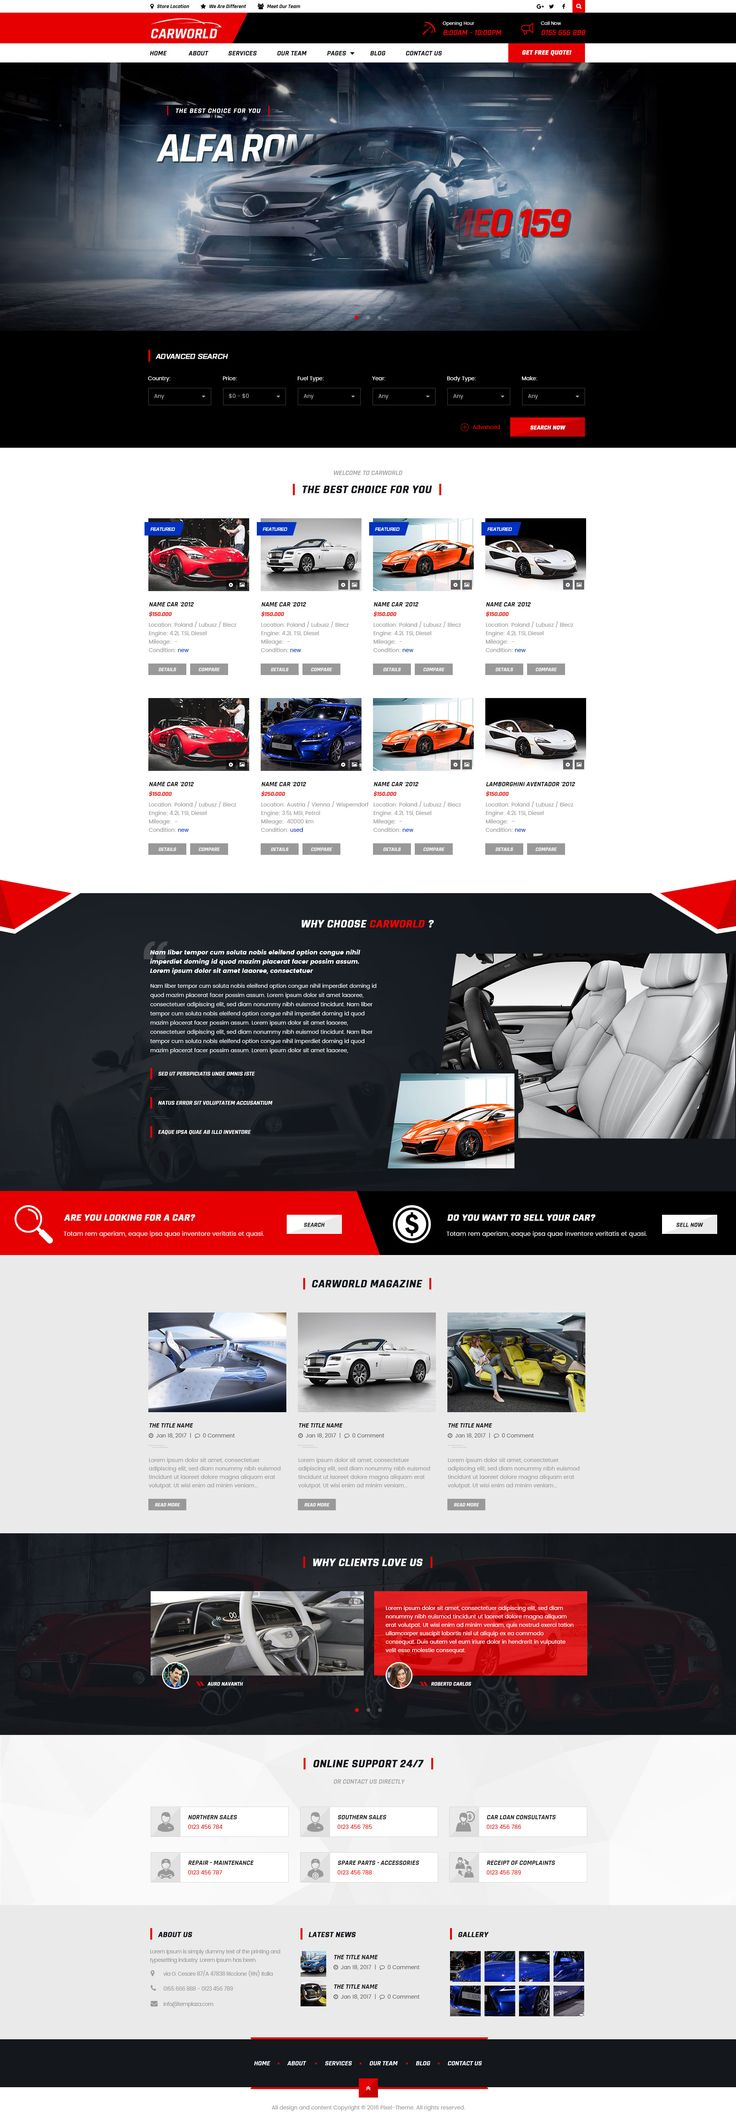 CarWorld - Car Dealer & Auo Repair PSD Template • Download ➝ https://themeforest.net/item/carworld-car-dealer-auo-repair-psd-template/18291953?ref=pxcr